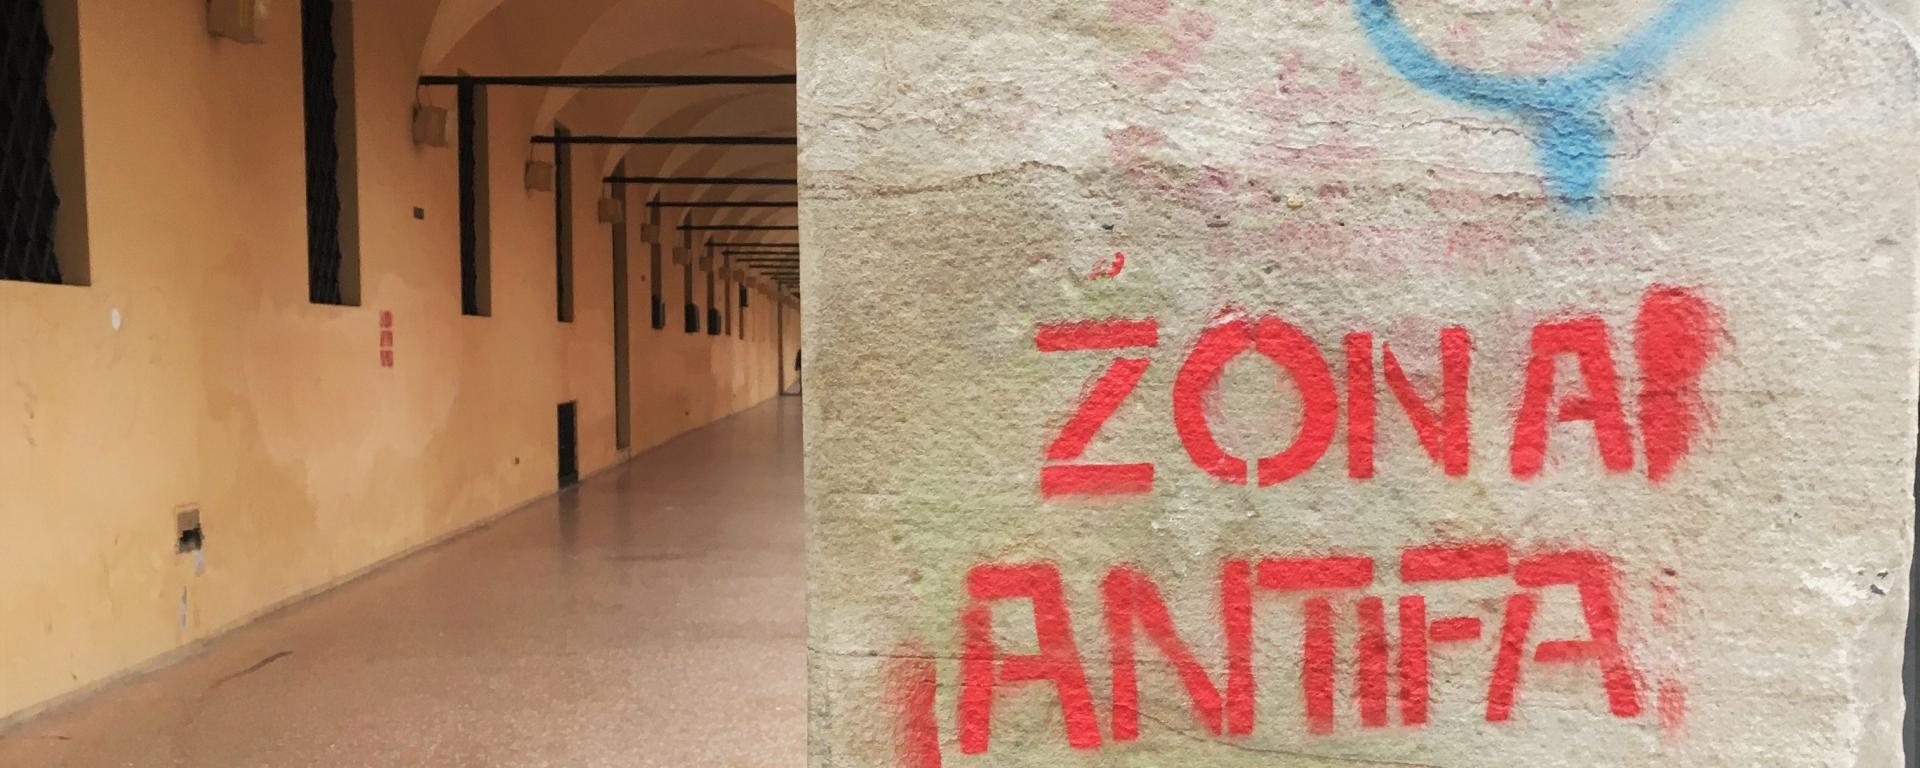 antifa zone bologna zona antifa italian election